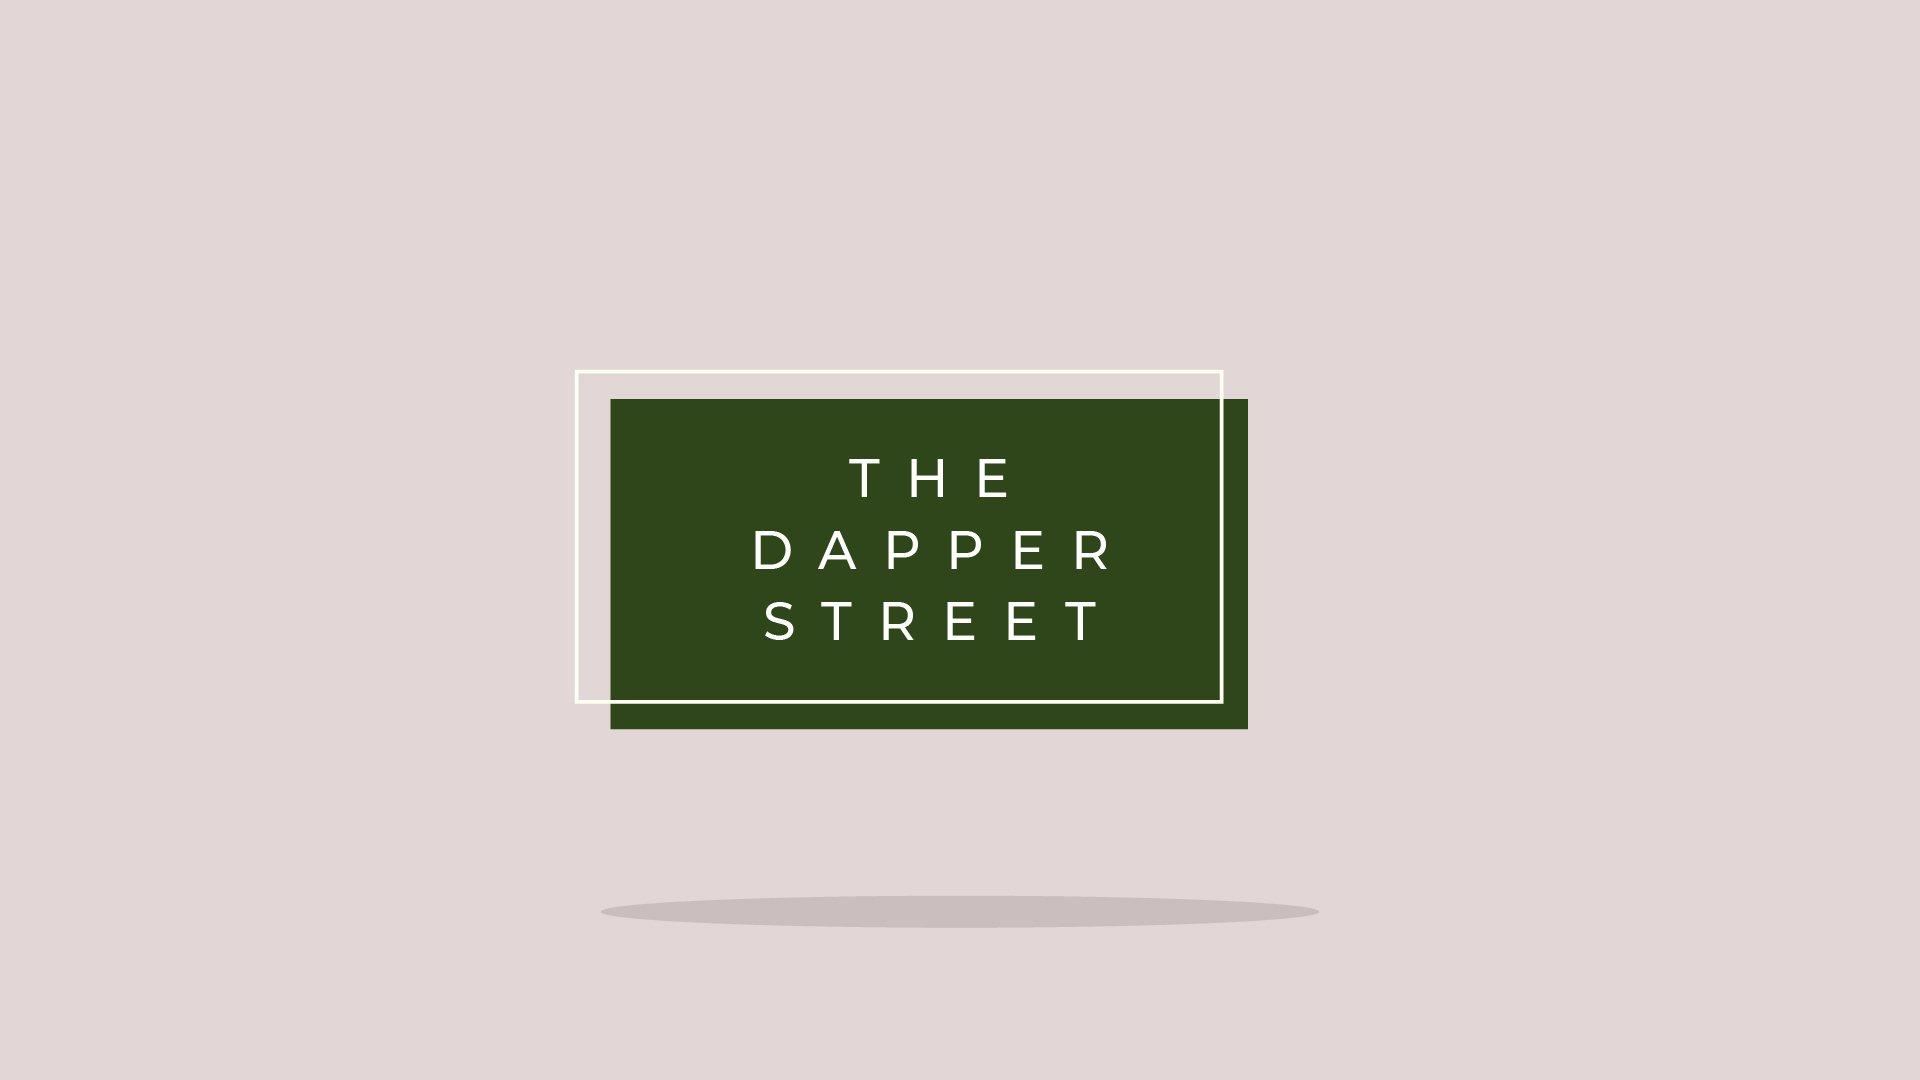 The Dapper Street